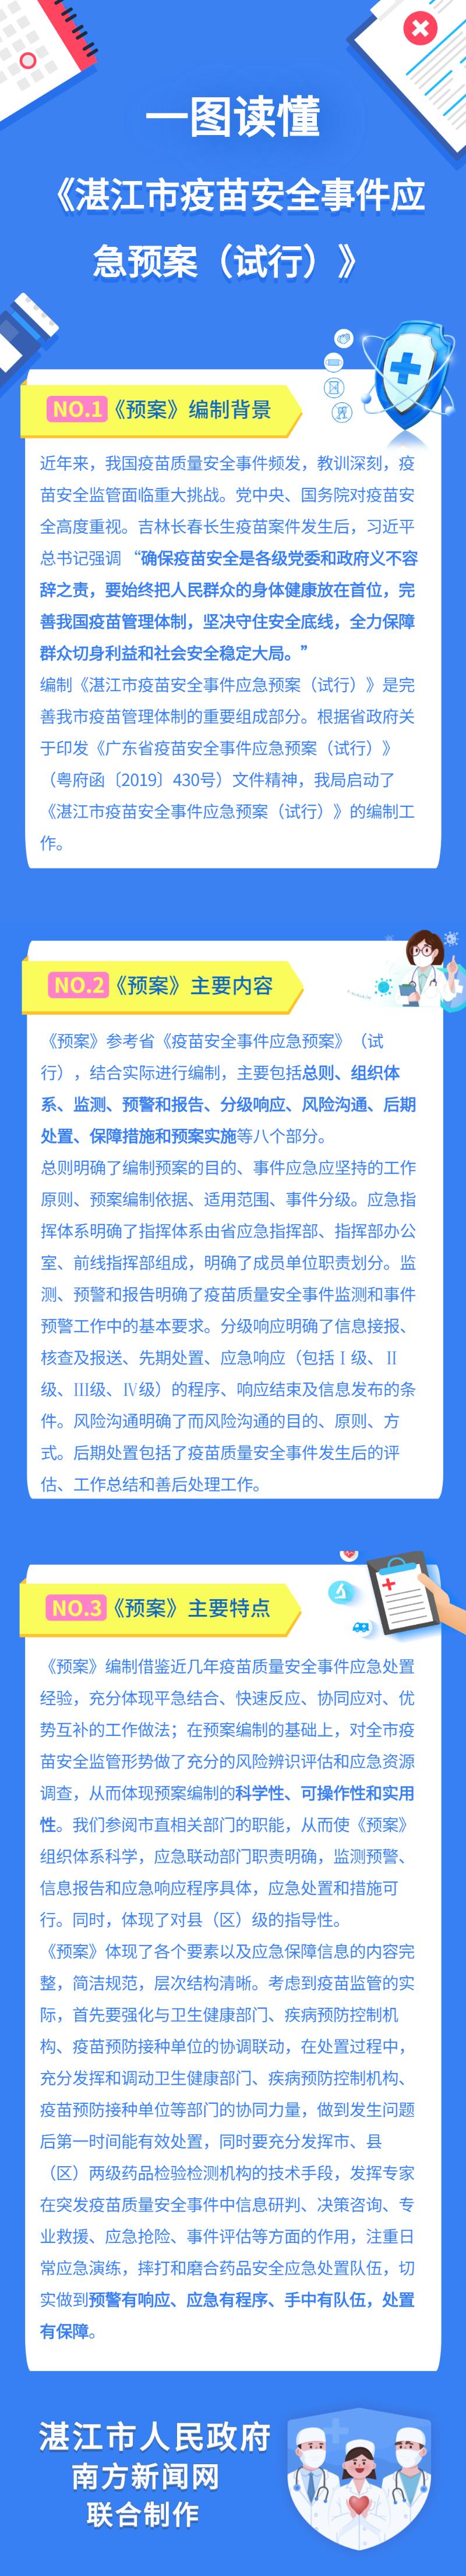 冬季疫情防控指南科普文章长图-20210421164138.png